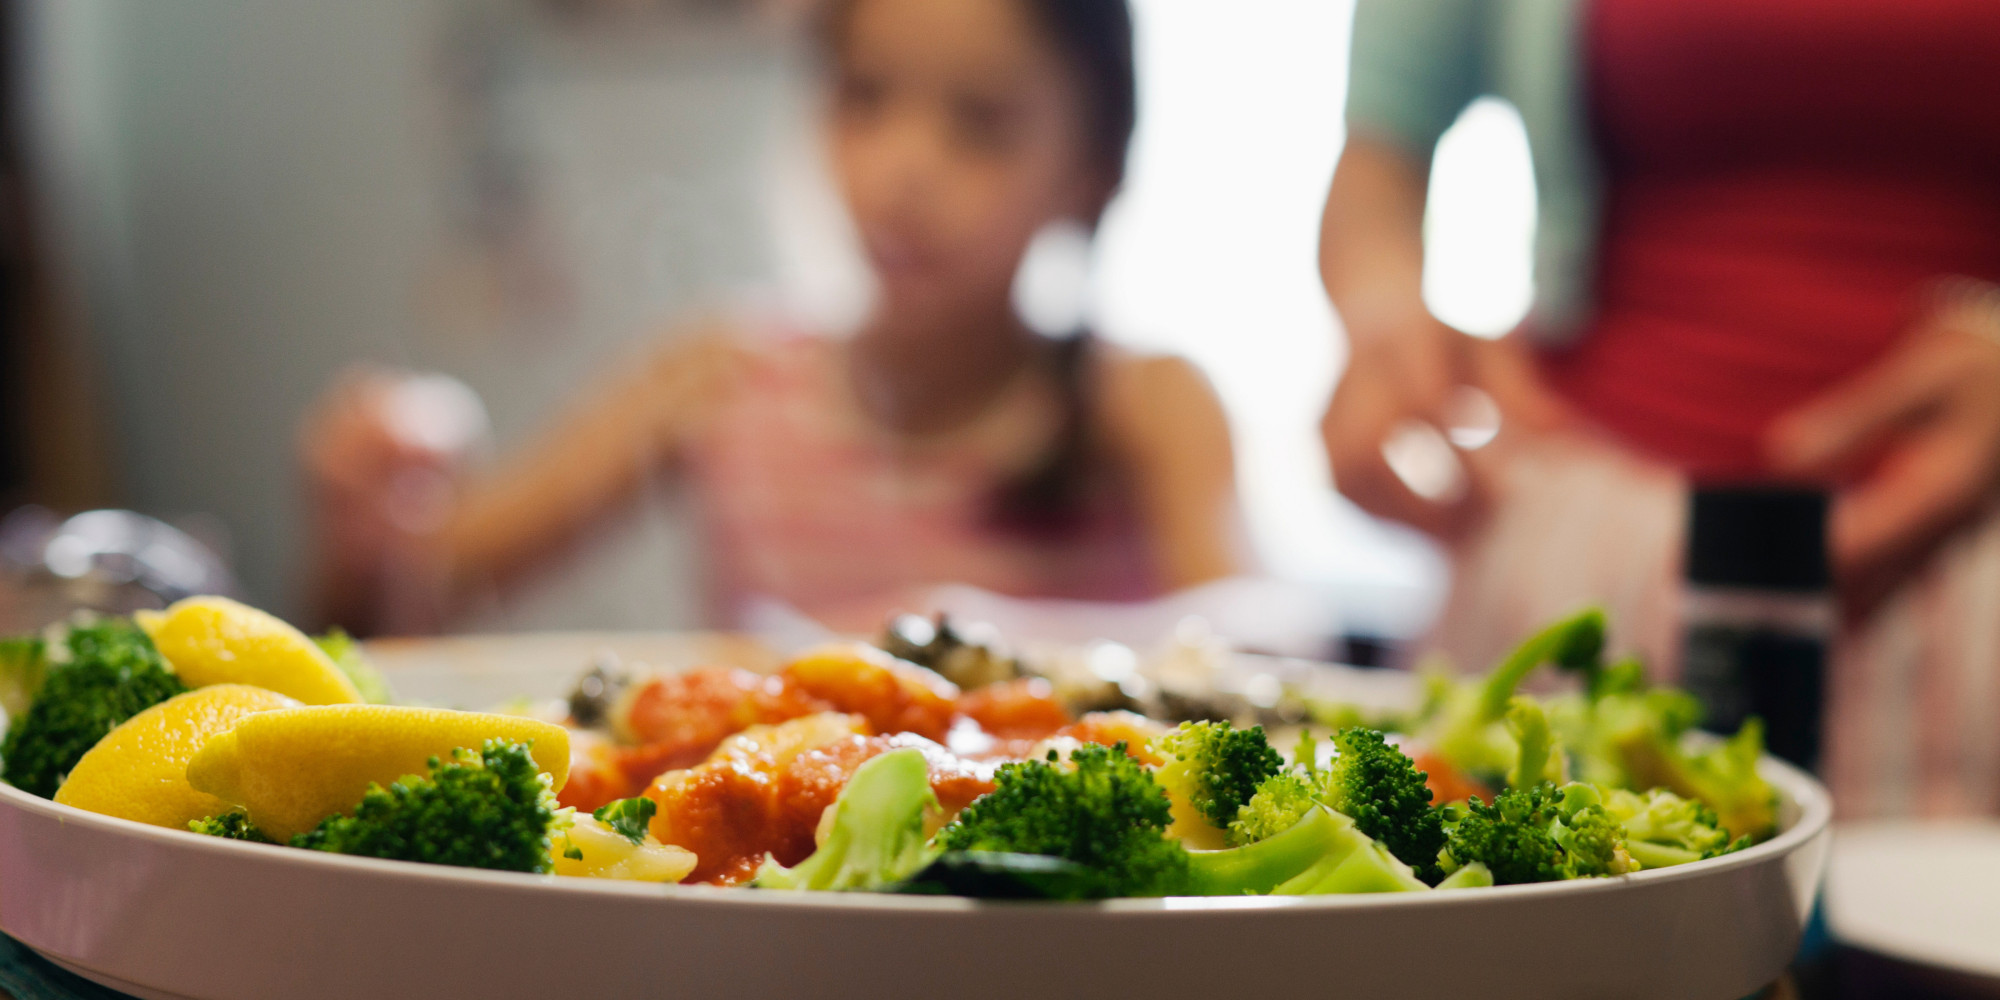 حياة صحية وطعام صحي